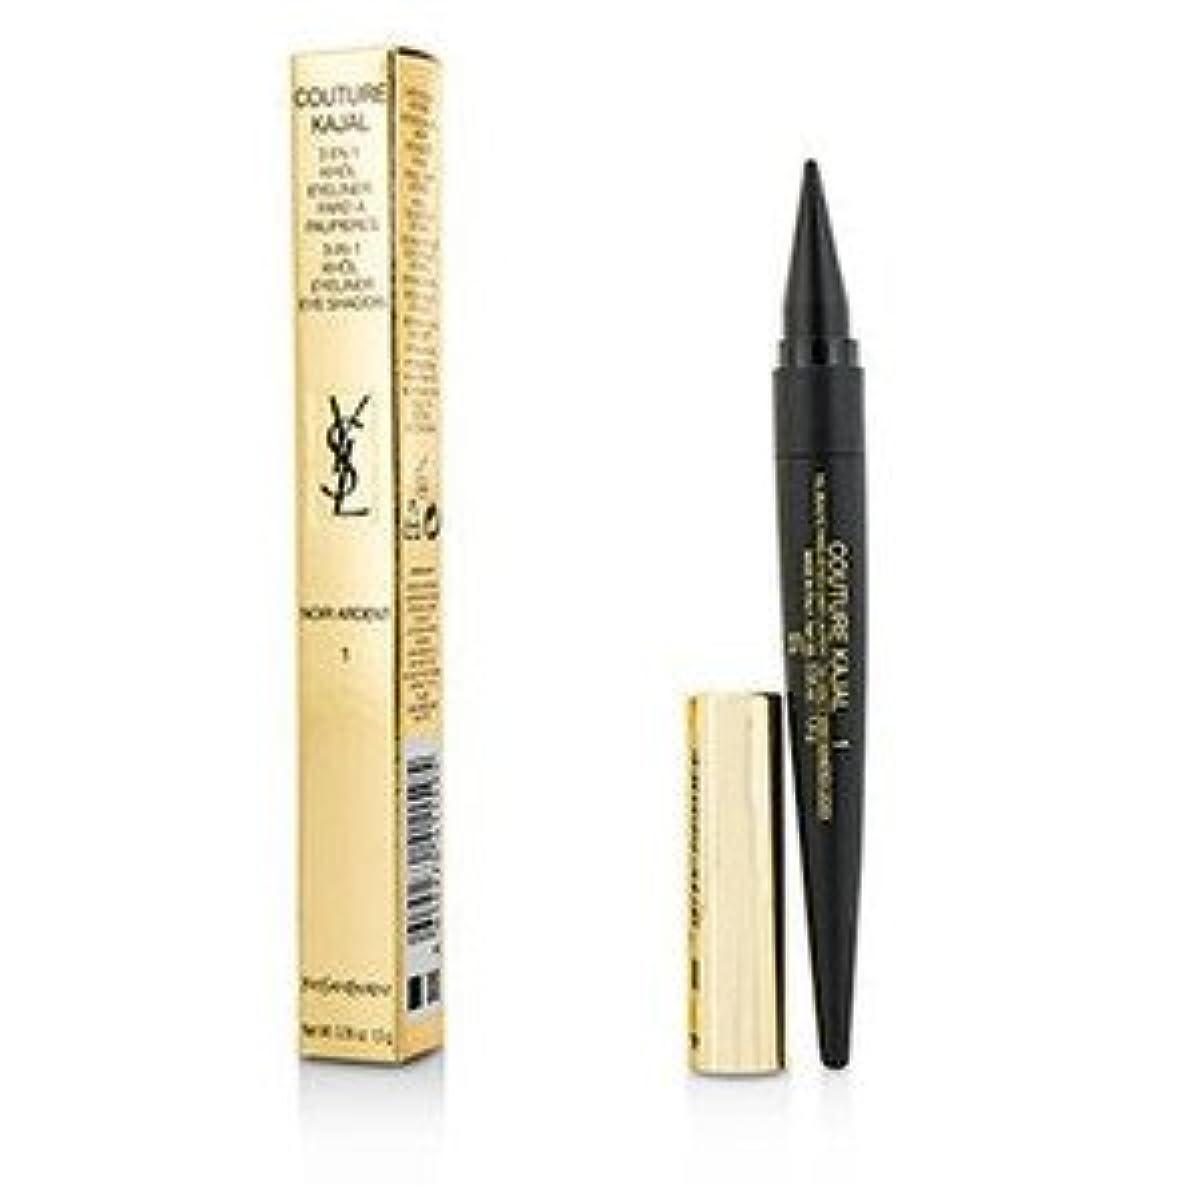 教恥読書Yves Saint Laurent(イヴサンローラン) クチュール カジャール 3 in 1 アイ ペンシル(Khol/Eyeliner/Eye Shadow)- #1 Noir Ardent 1.5g/0.05oz [並行輸入品]